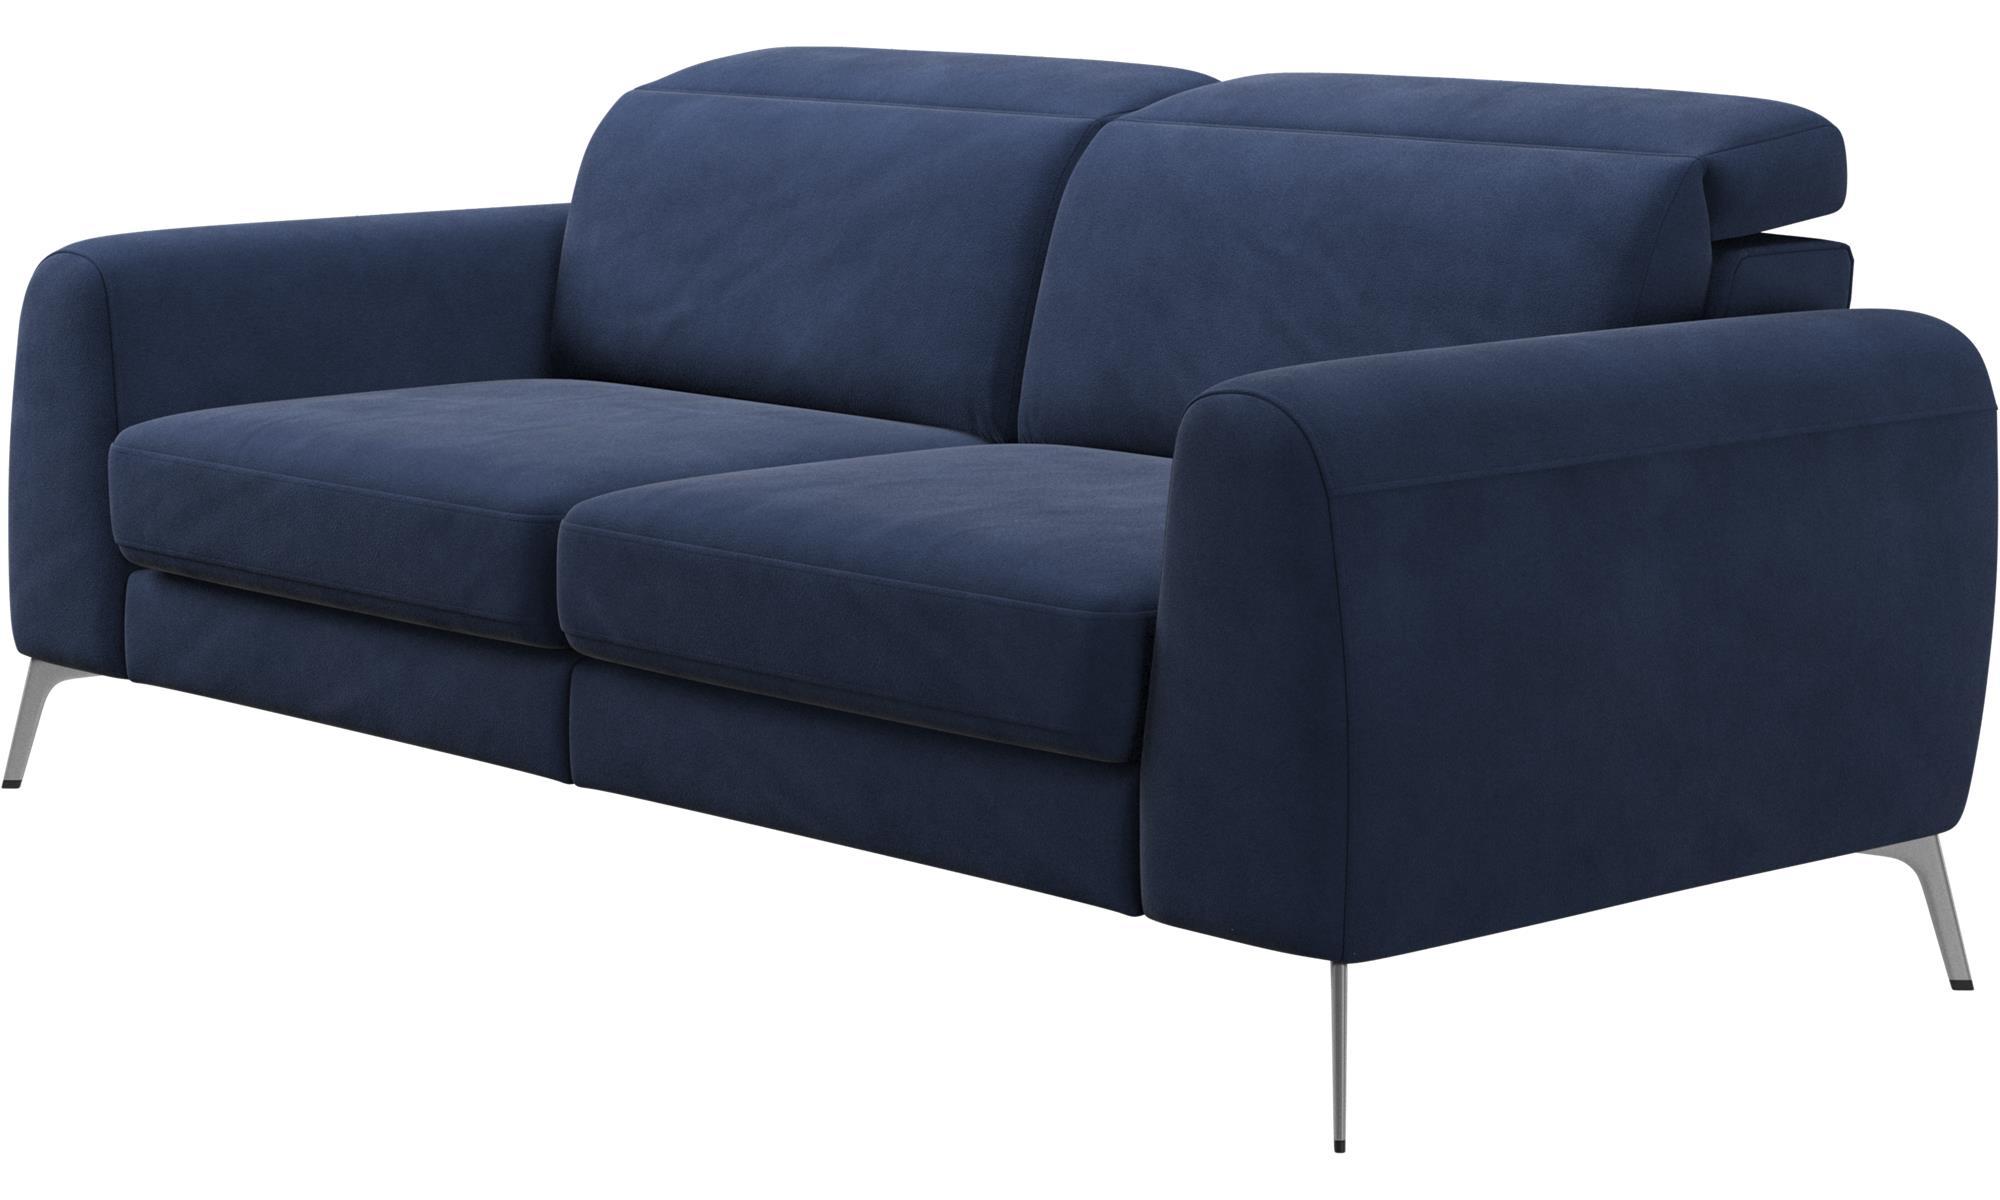 boconcept sofa bed instructions. Black Bedroom Furniture Sets. Home Design Ideas